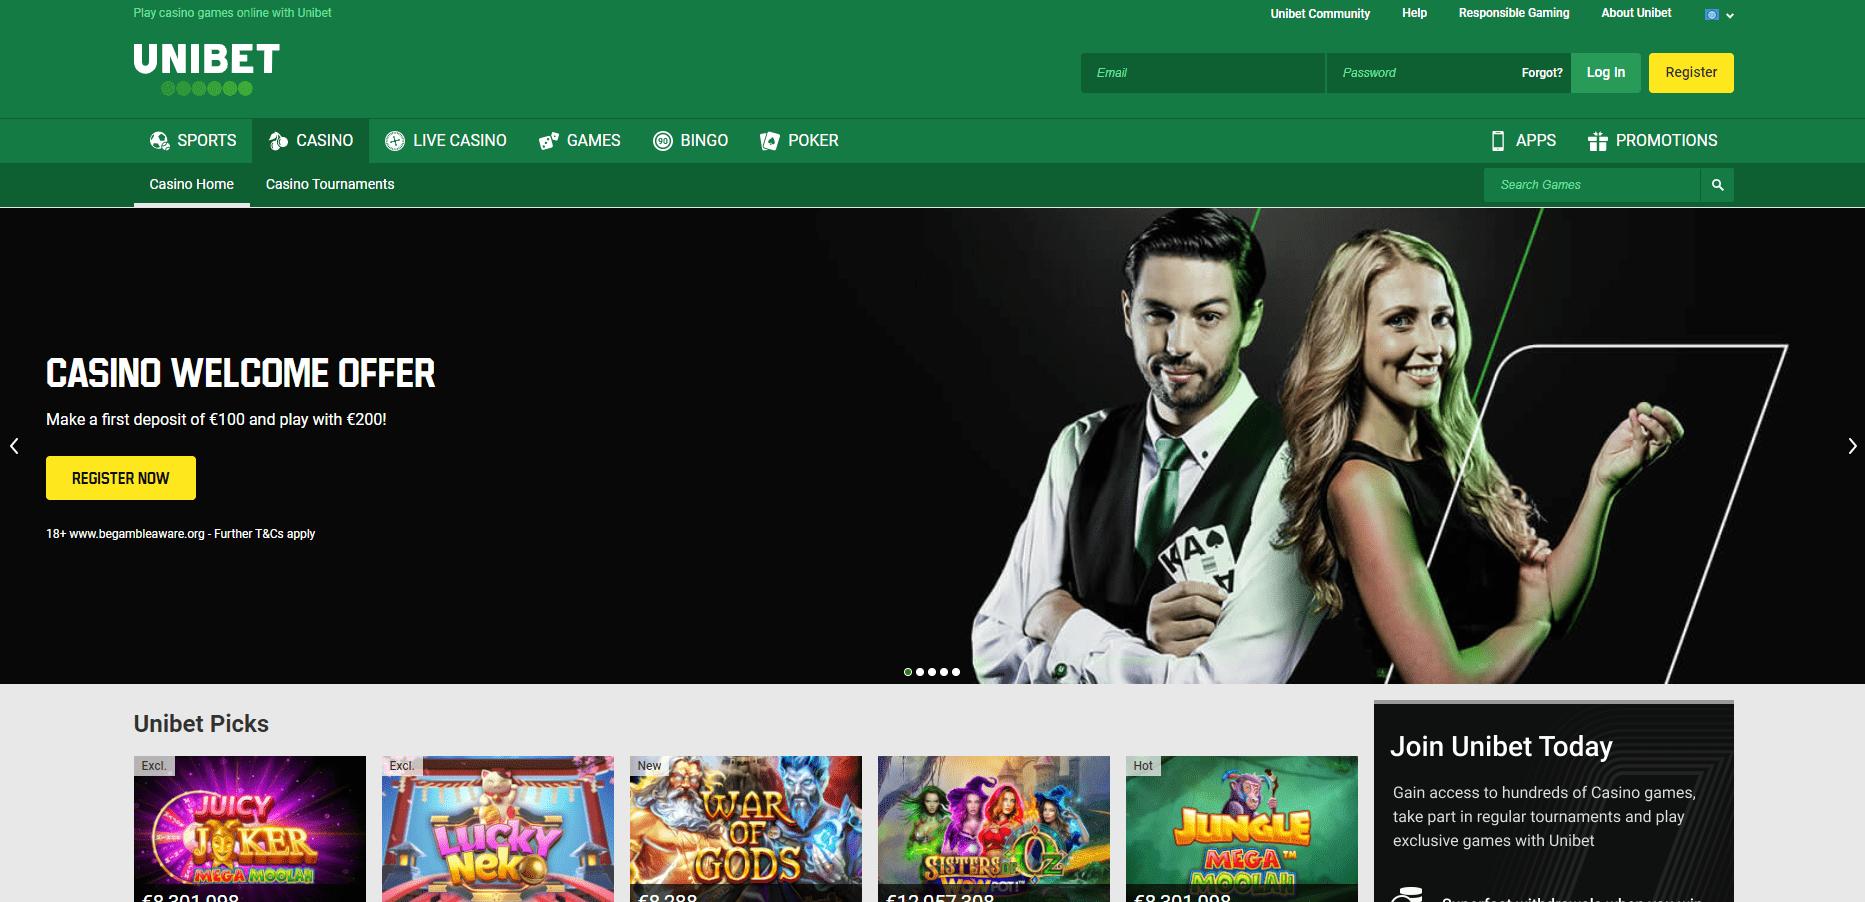 unibet_casino_desktop